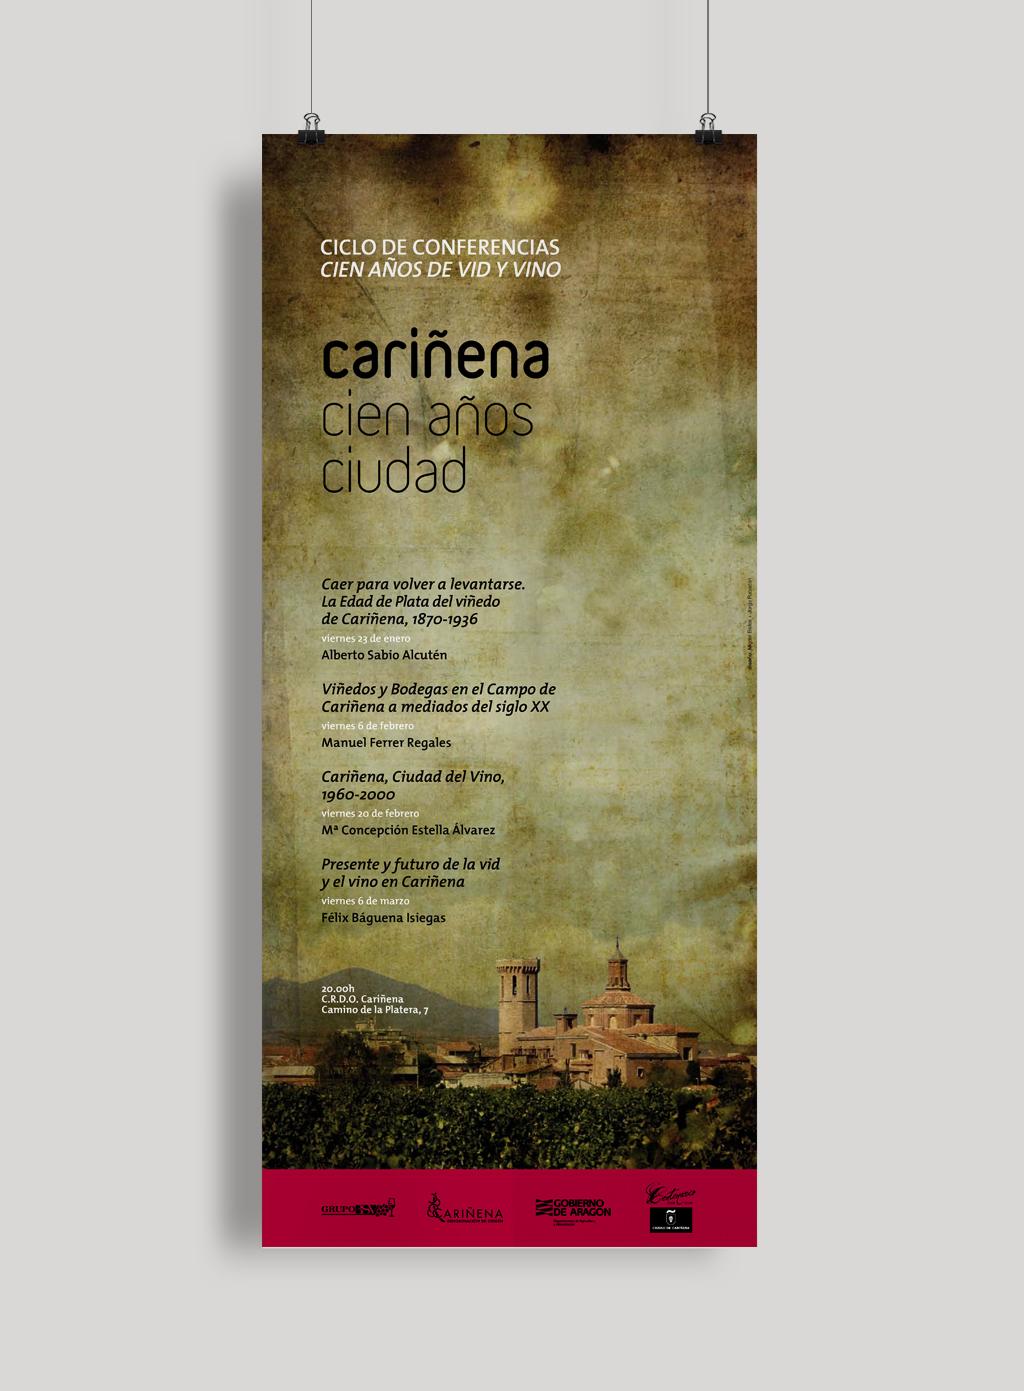 publicidad-carinena-cien-anos-ciudad-cartel-conferencia-vino